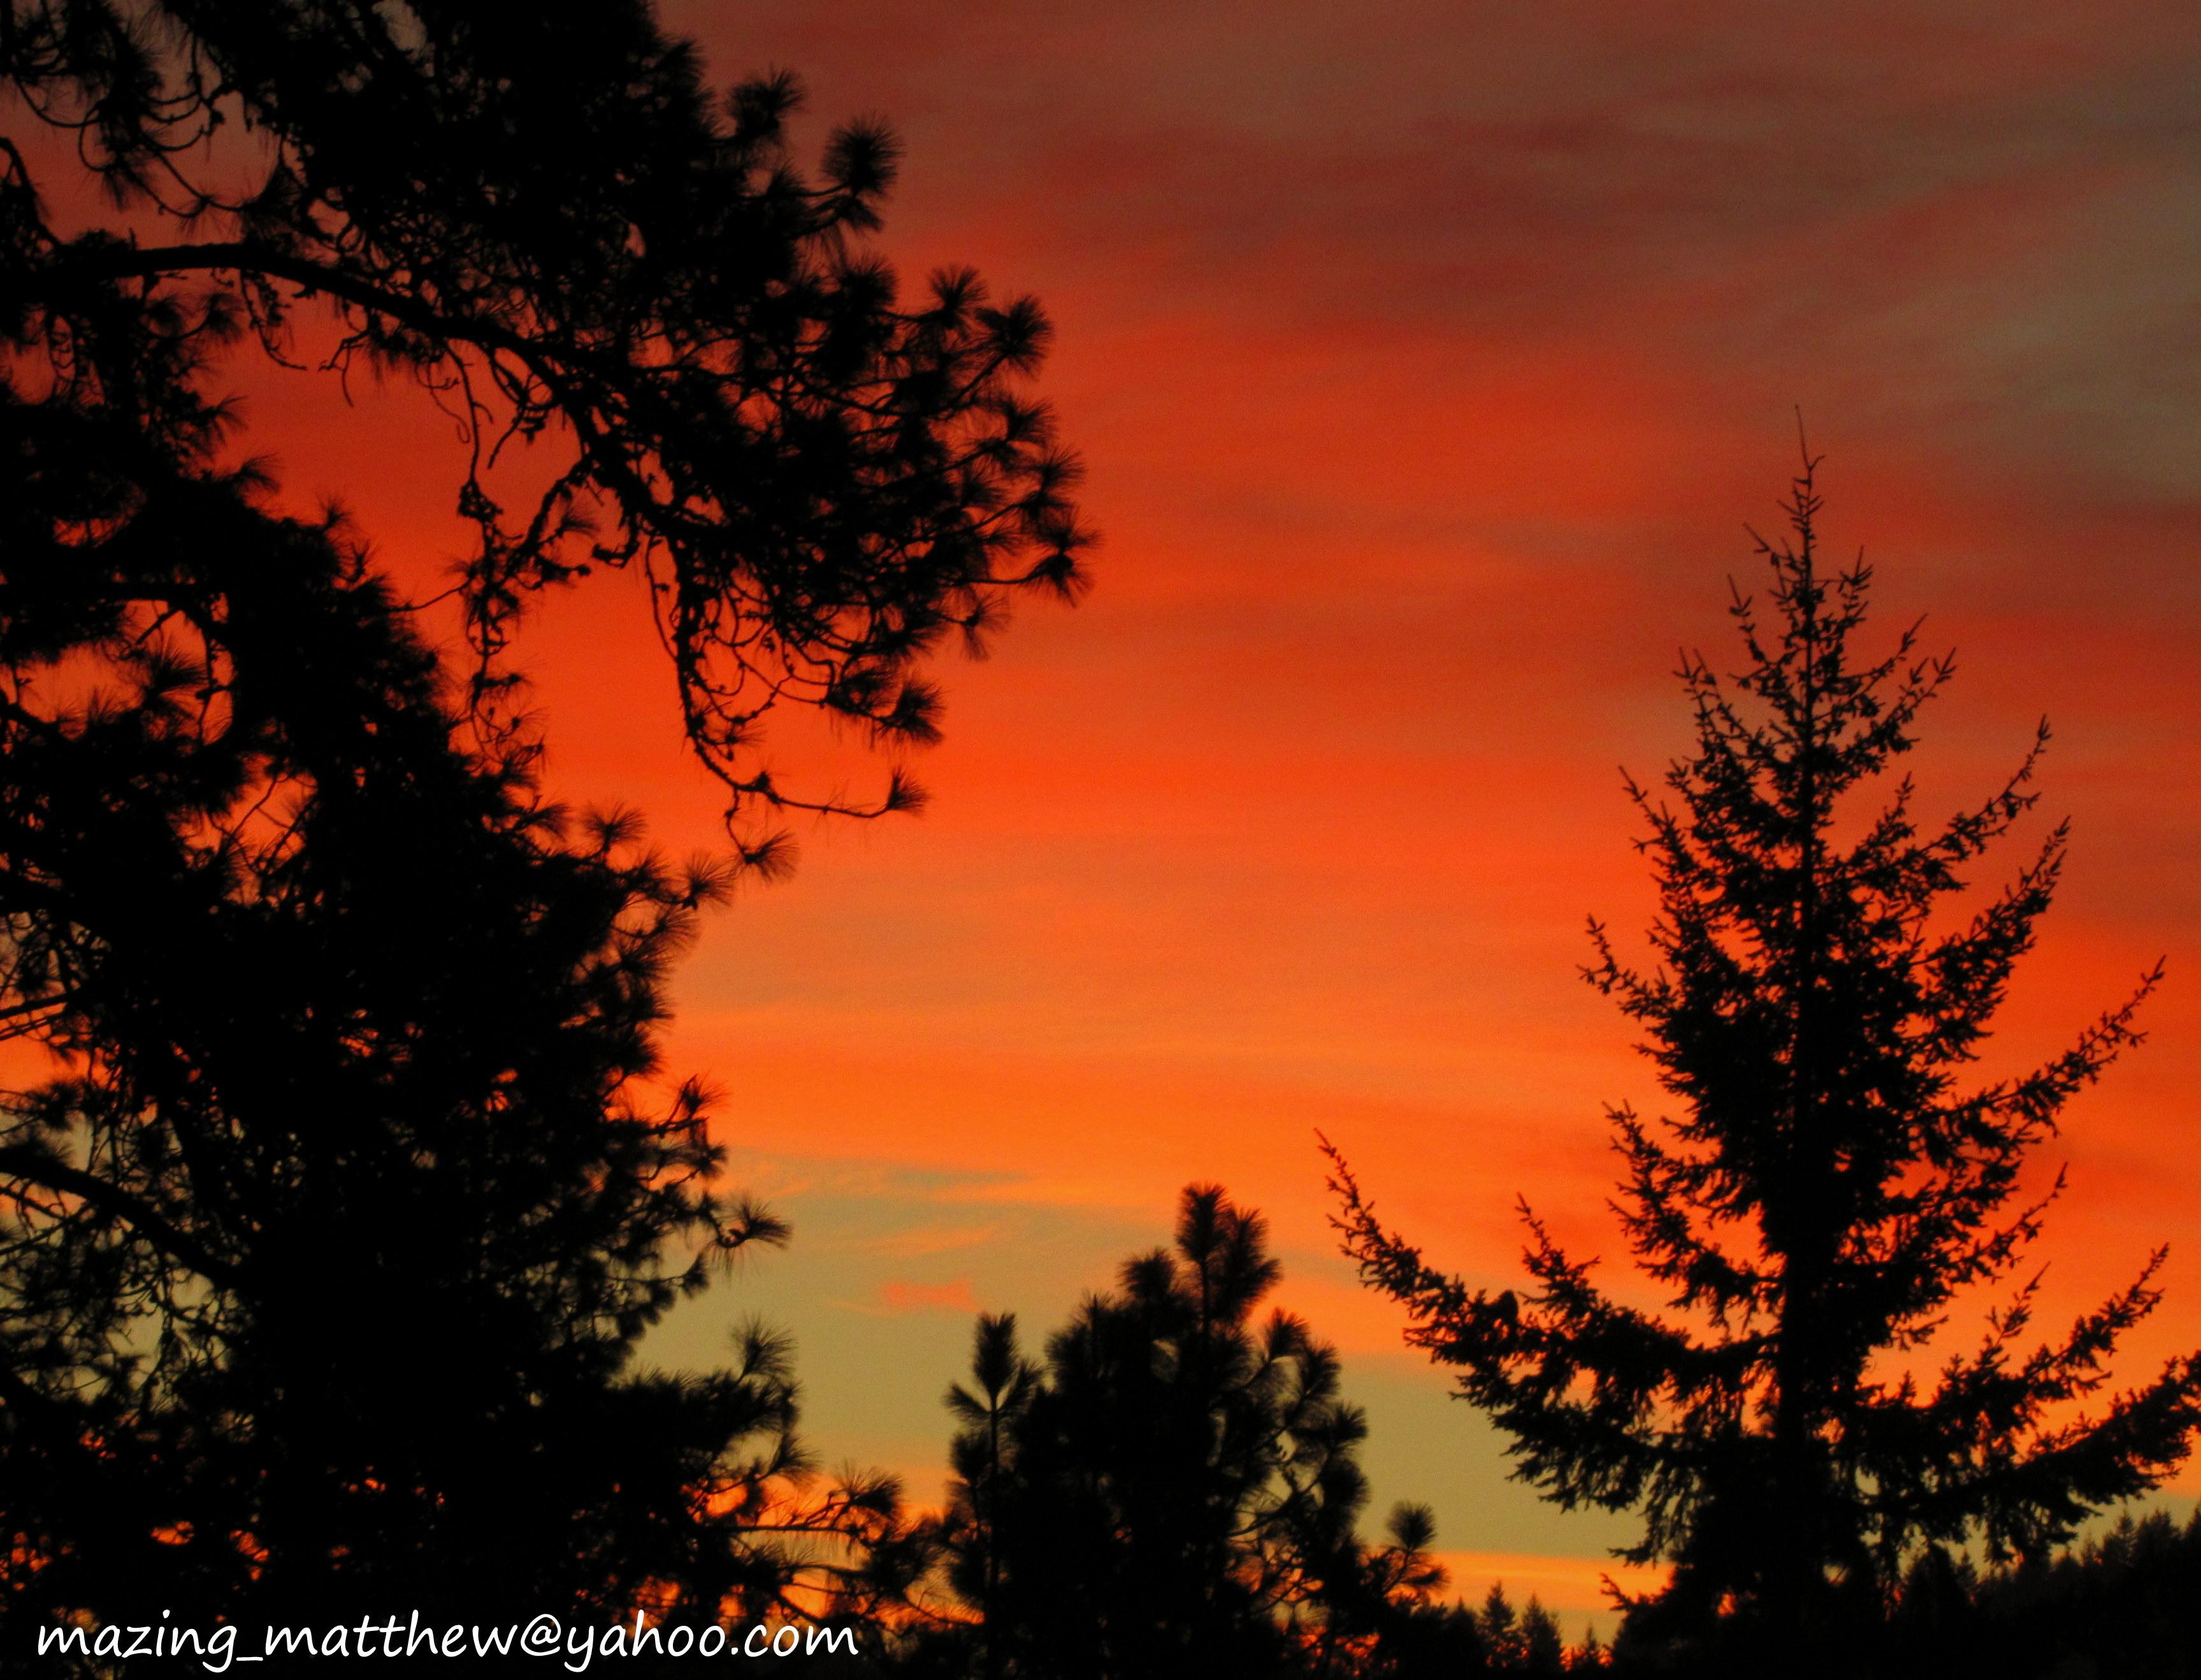 Sunrise 3 by mazingmatthew